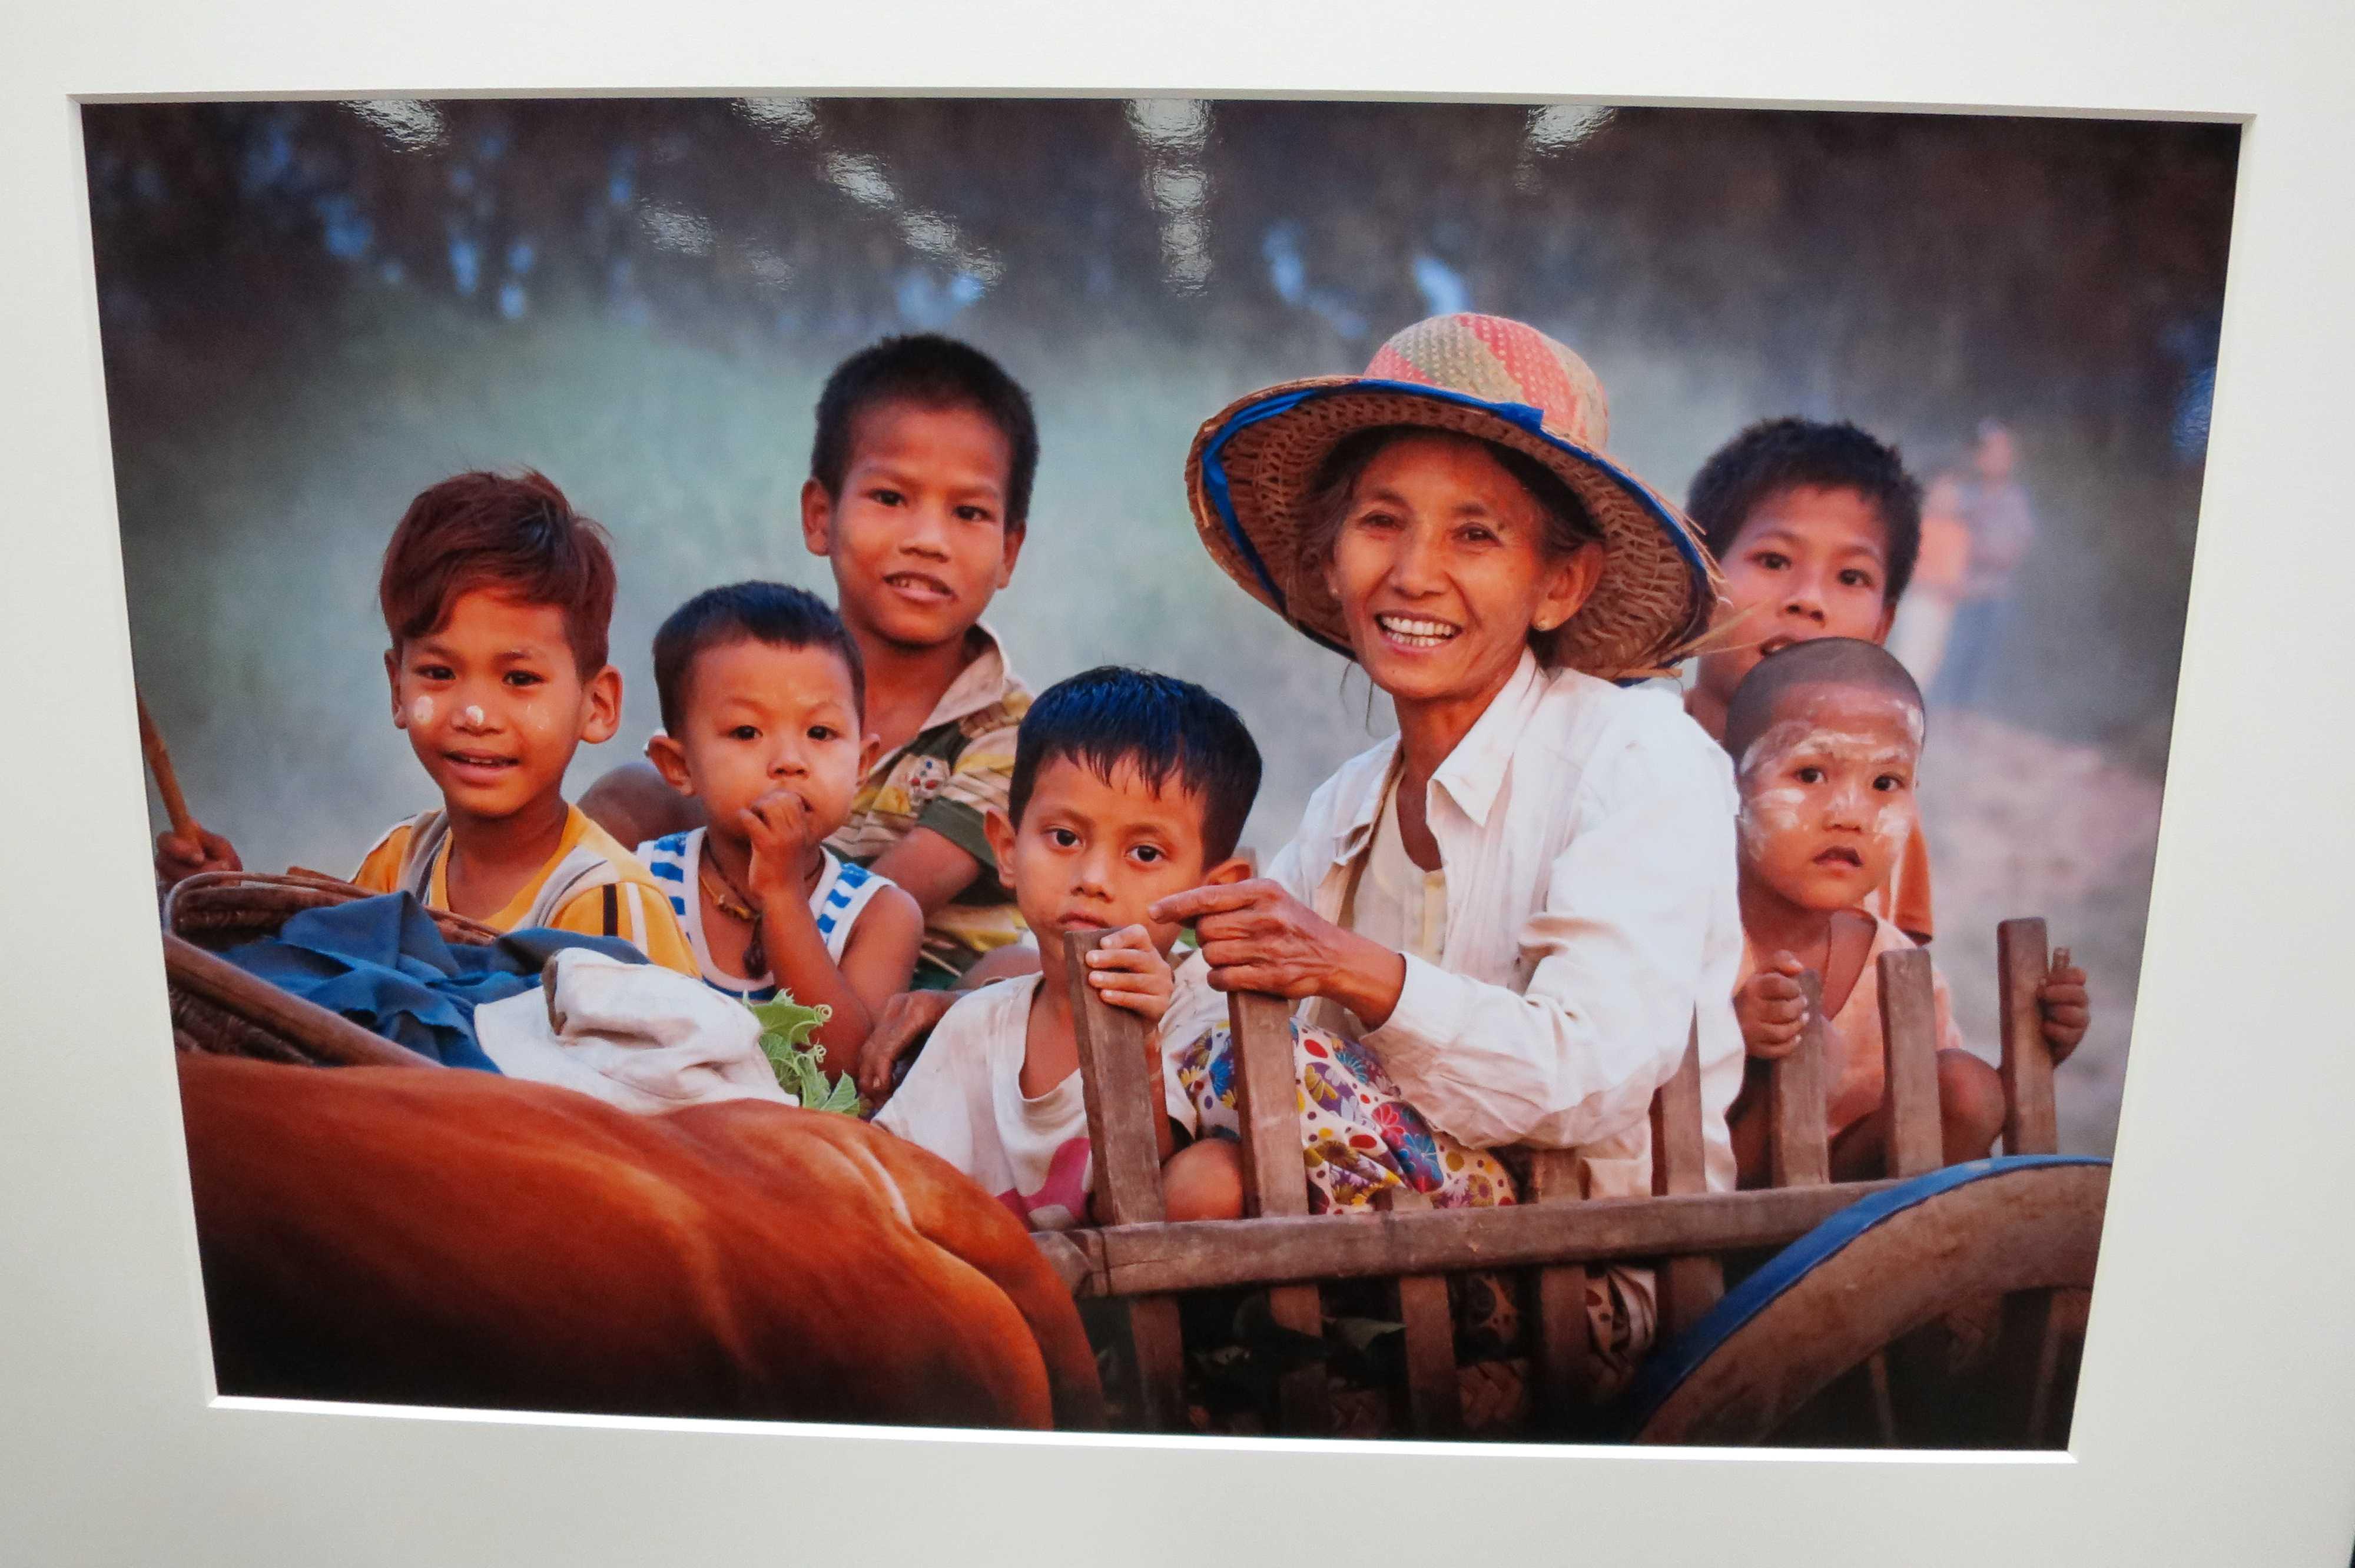 最優秀賞 A FAMILY T LINN PAING(リン パイン) - 日本・ミャンマー交流写真展